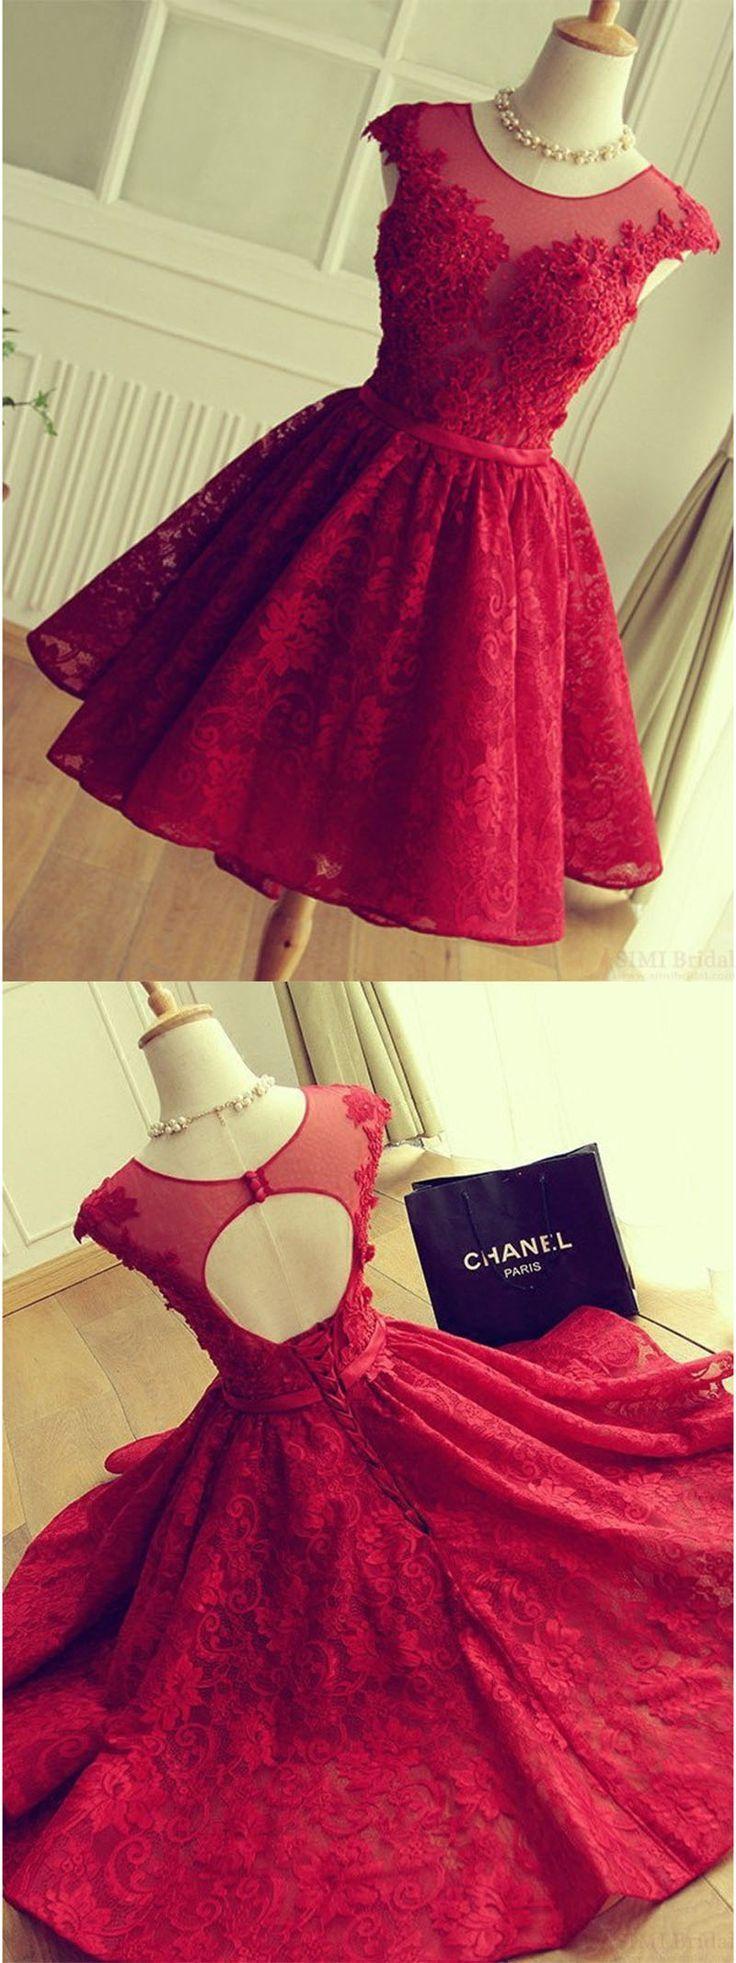 Entzückendes knielanges rotes kurzes Spitze-Abschlussball-Kleid Heimkehrkleid Frauen